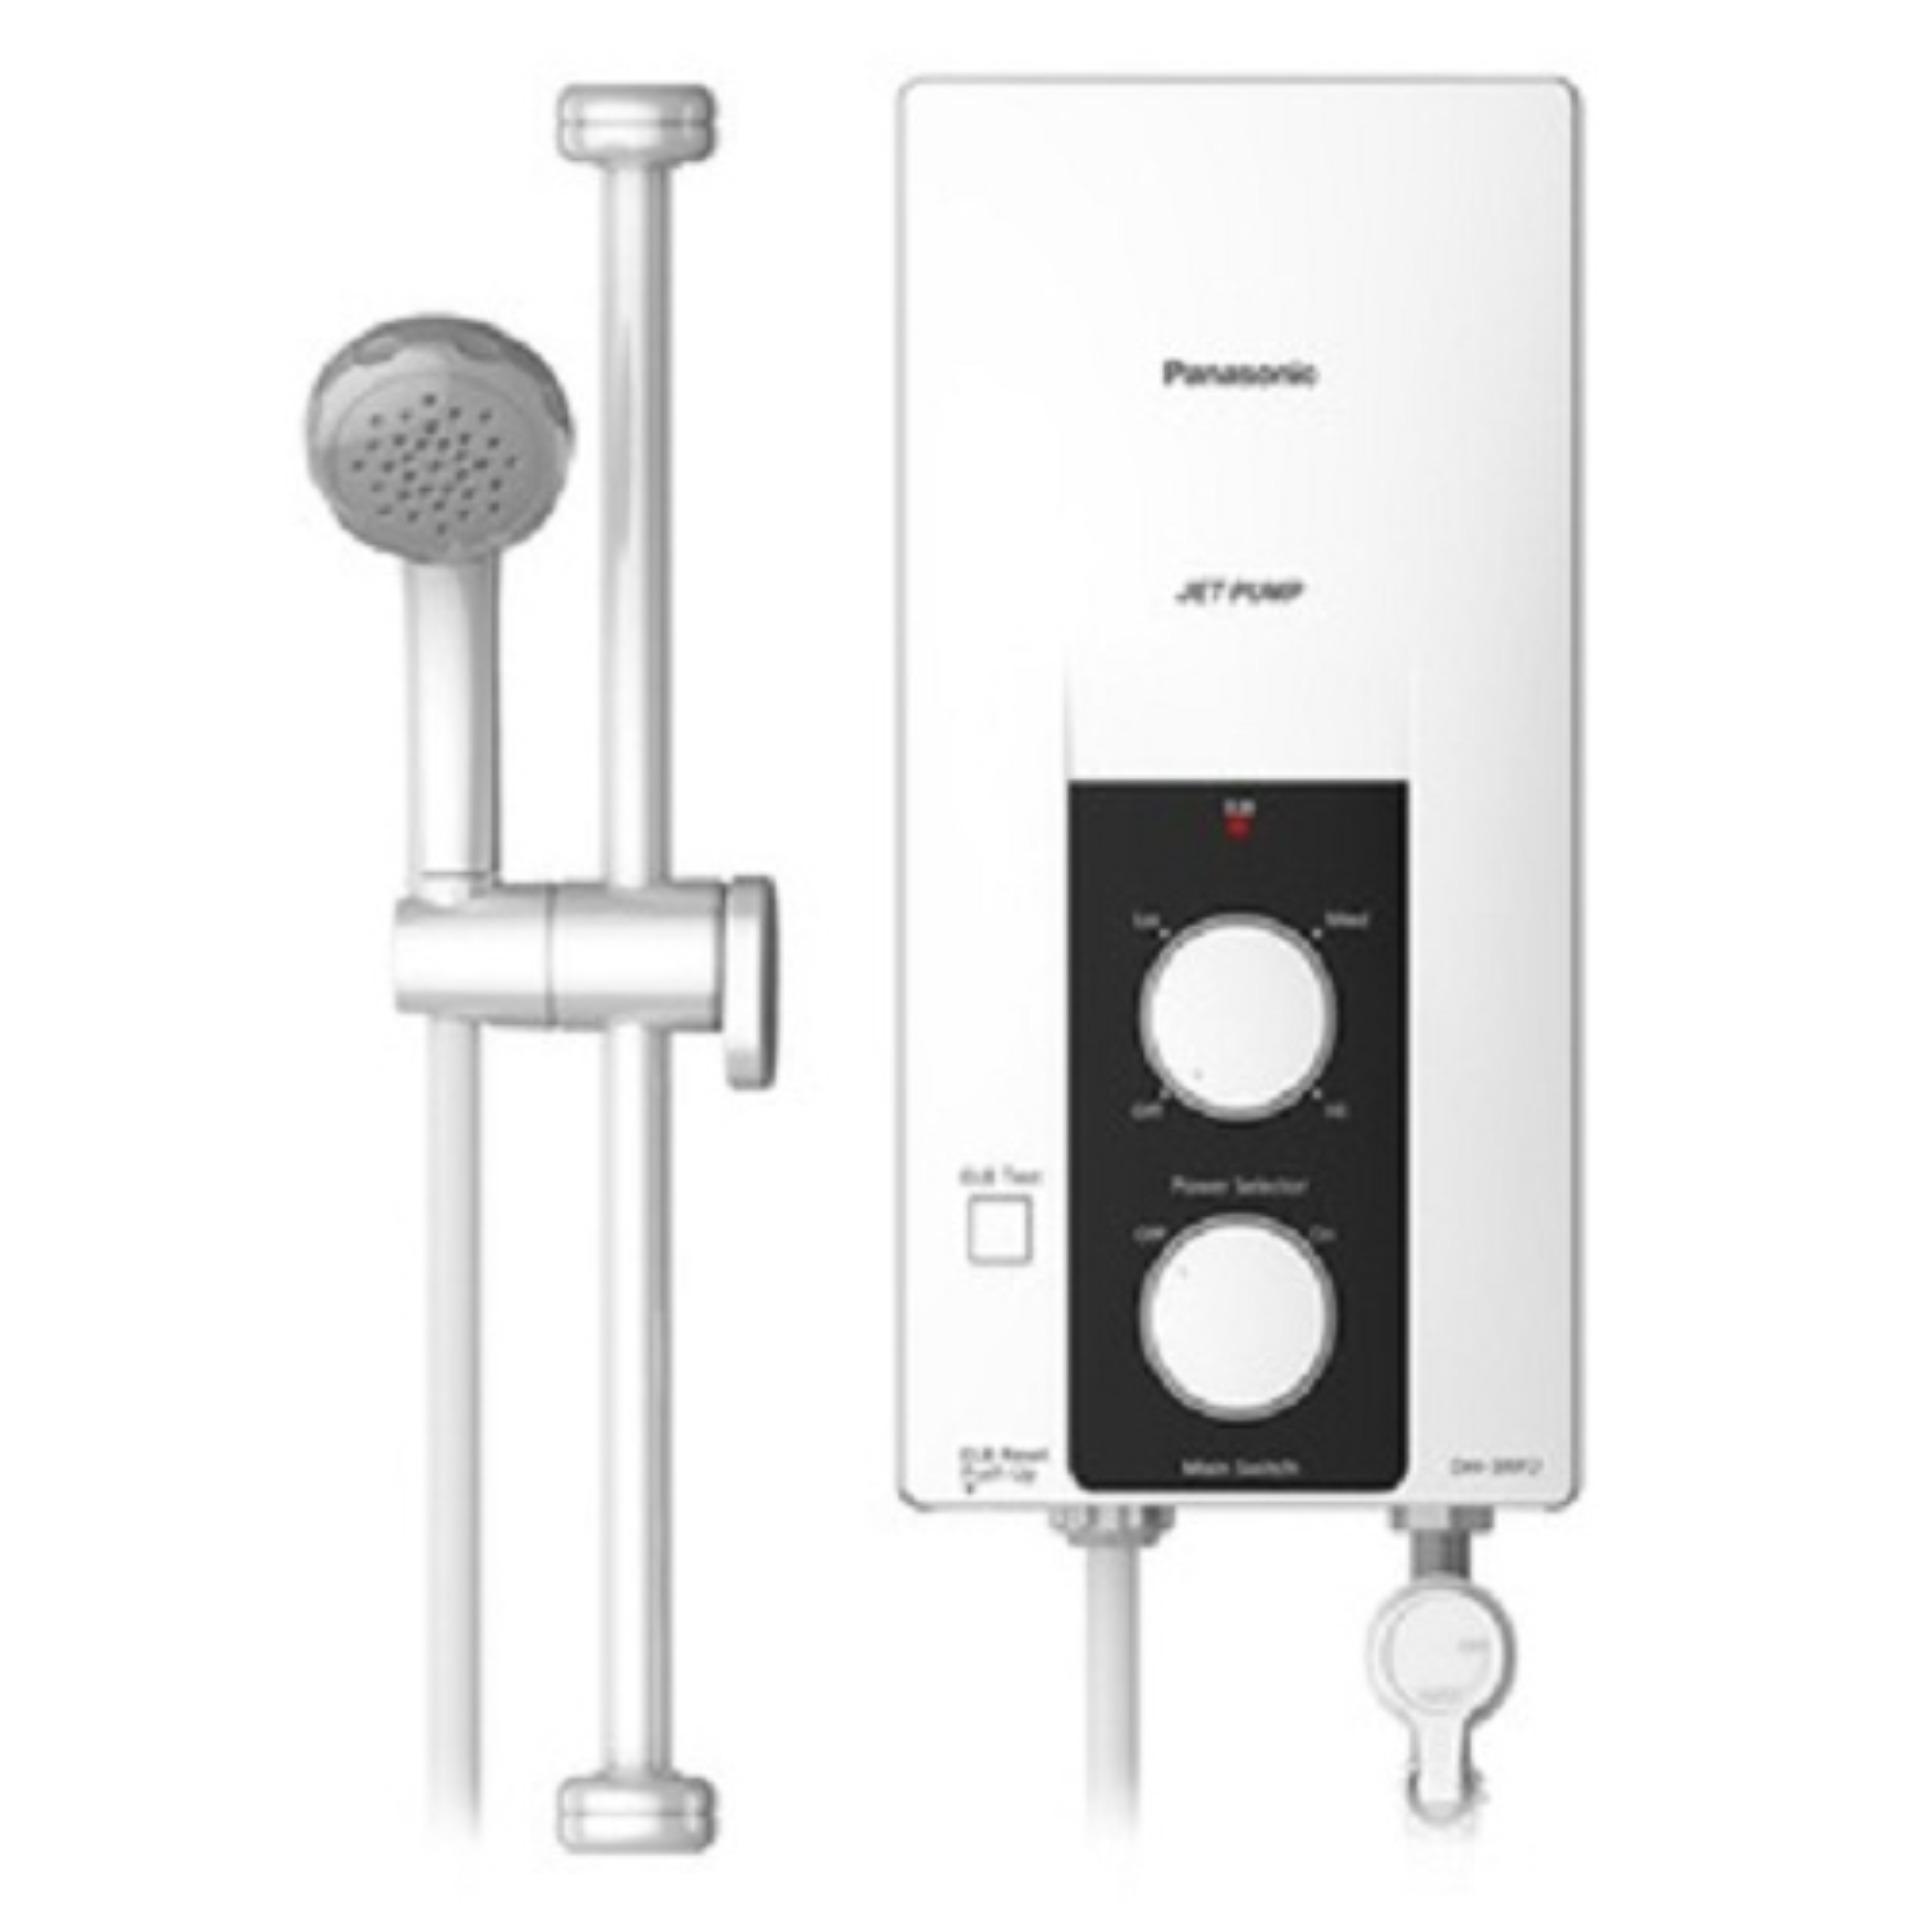 Máy nước nóng có bơm Panasonic DH-3RP2VK – Cầu dao chống rò điện ELCB, Cảm biến nhiệt độ, lưu lượng nước thông minh ngăn chặn tình trạng cháy nổ, Vỏ máy chống nước, bụi theo chuẩn IP25 giúp bảo vệ linh kiện bên